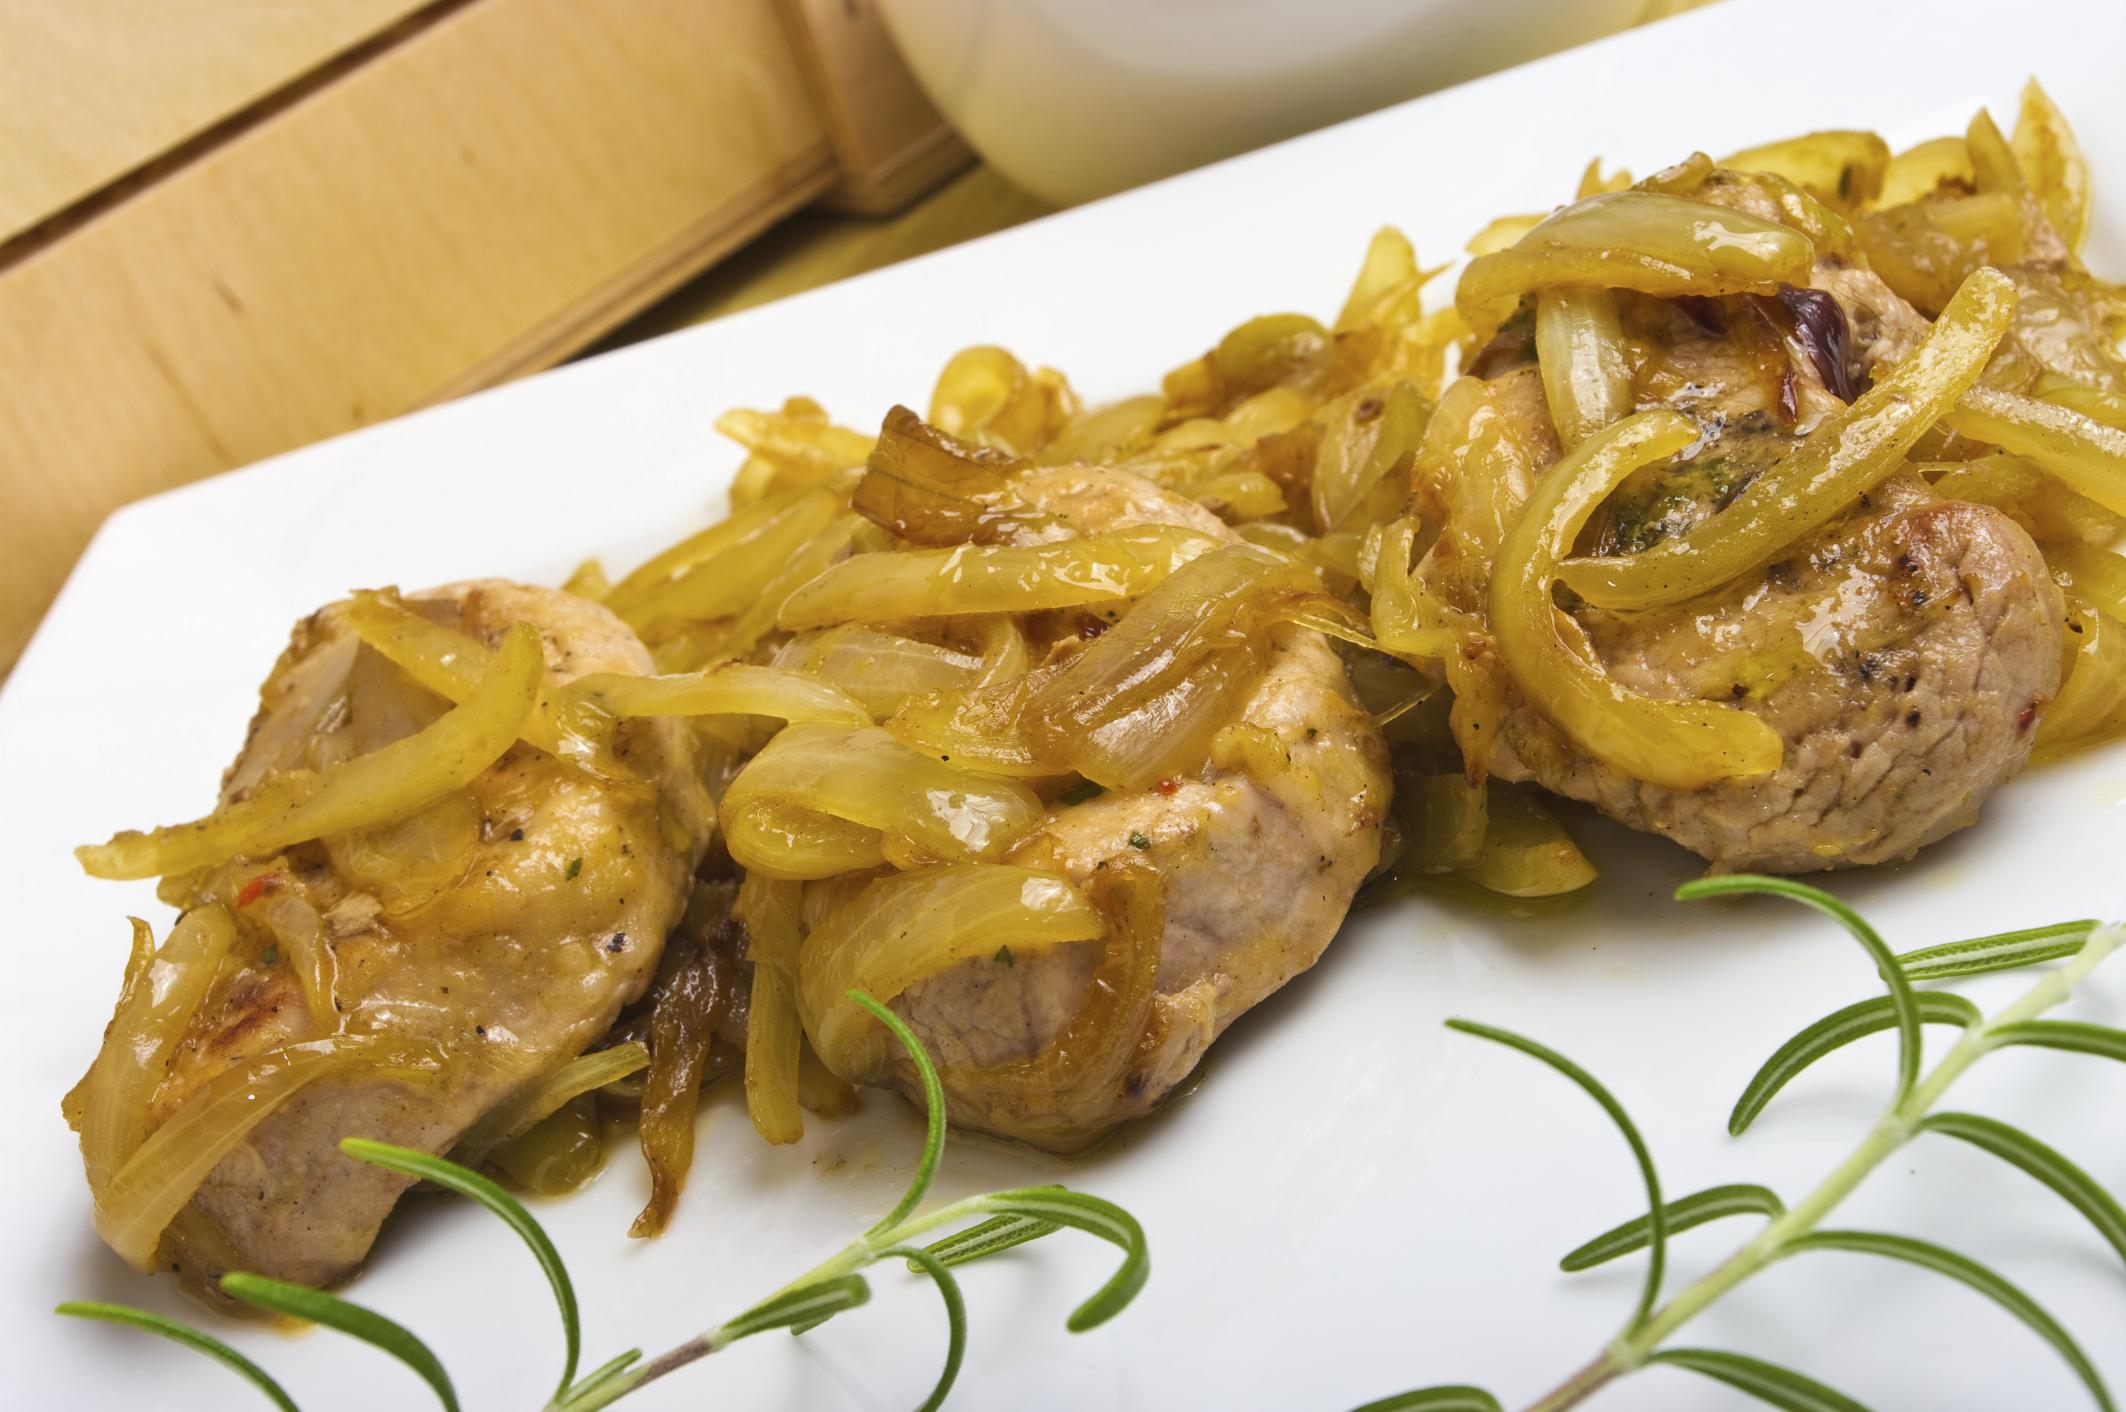 en una sartén se coloca un poco de aceite de oliva y se pone la cebolla cortada en aros, bien ordenadas, se pinchan con un tenedor,  se les añade  una cucharada de azúcar.